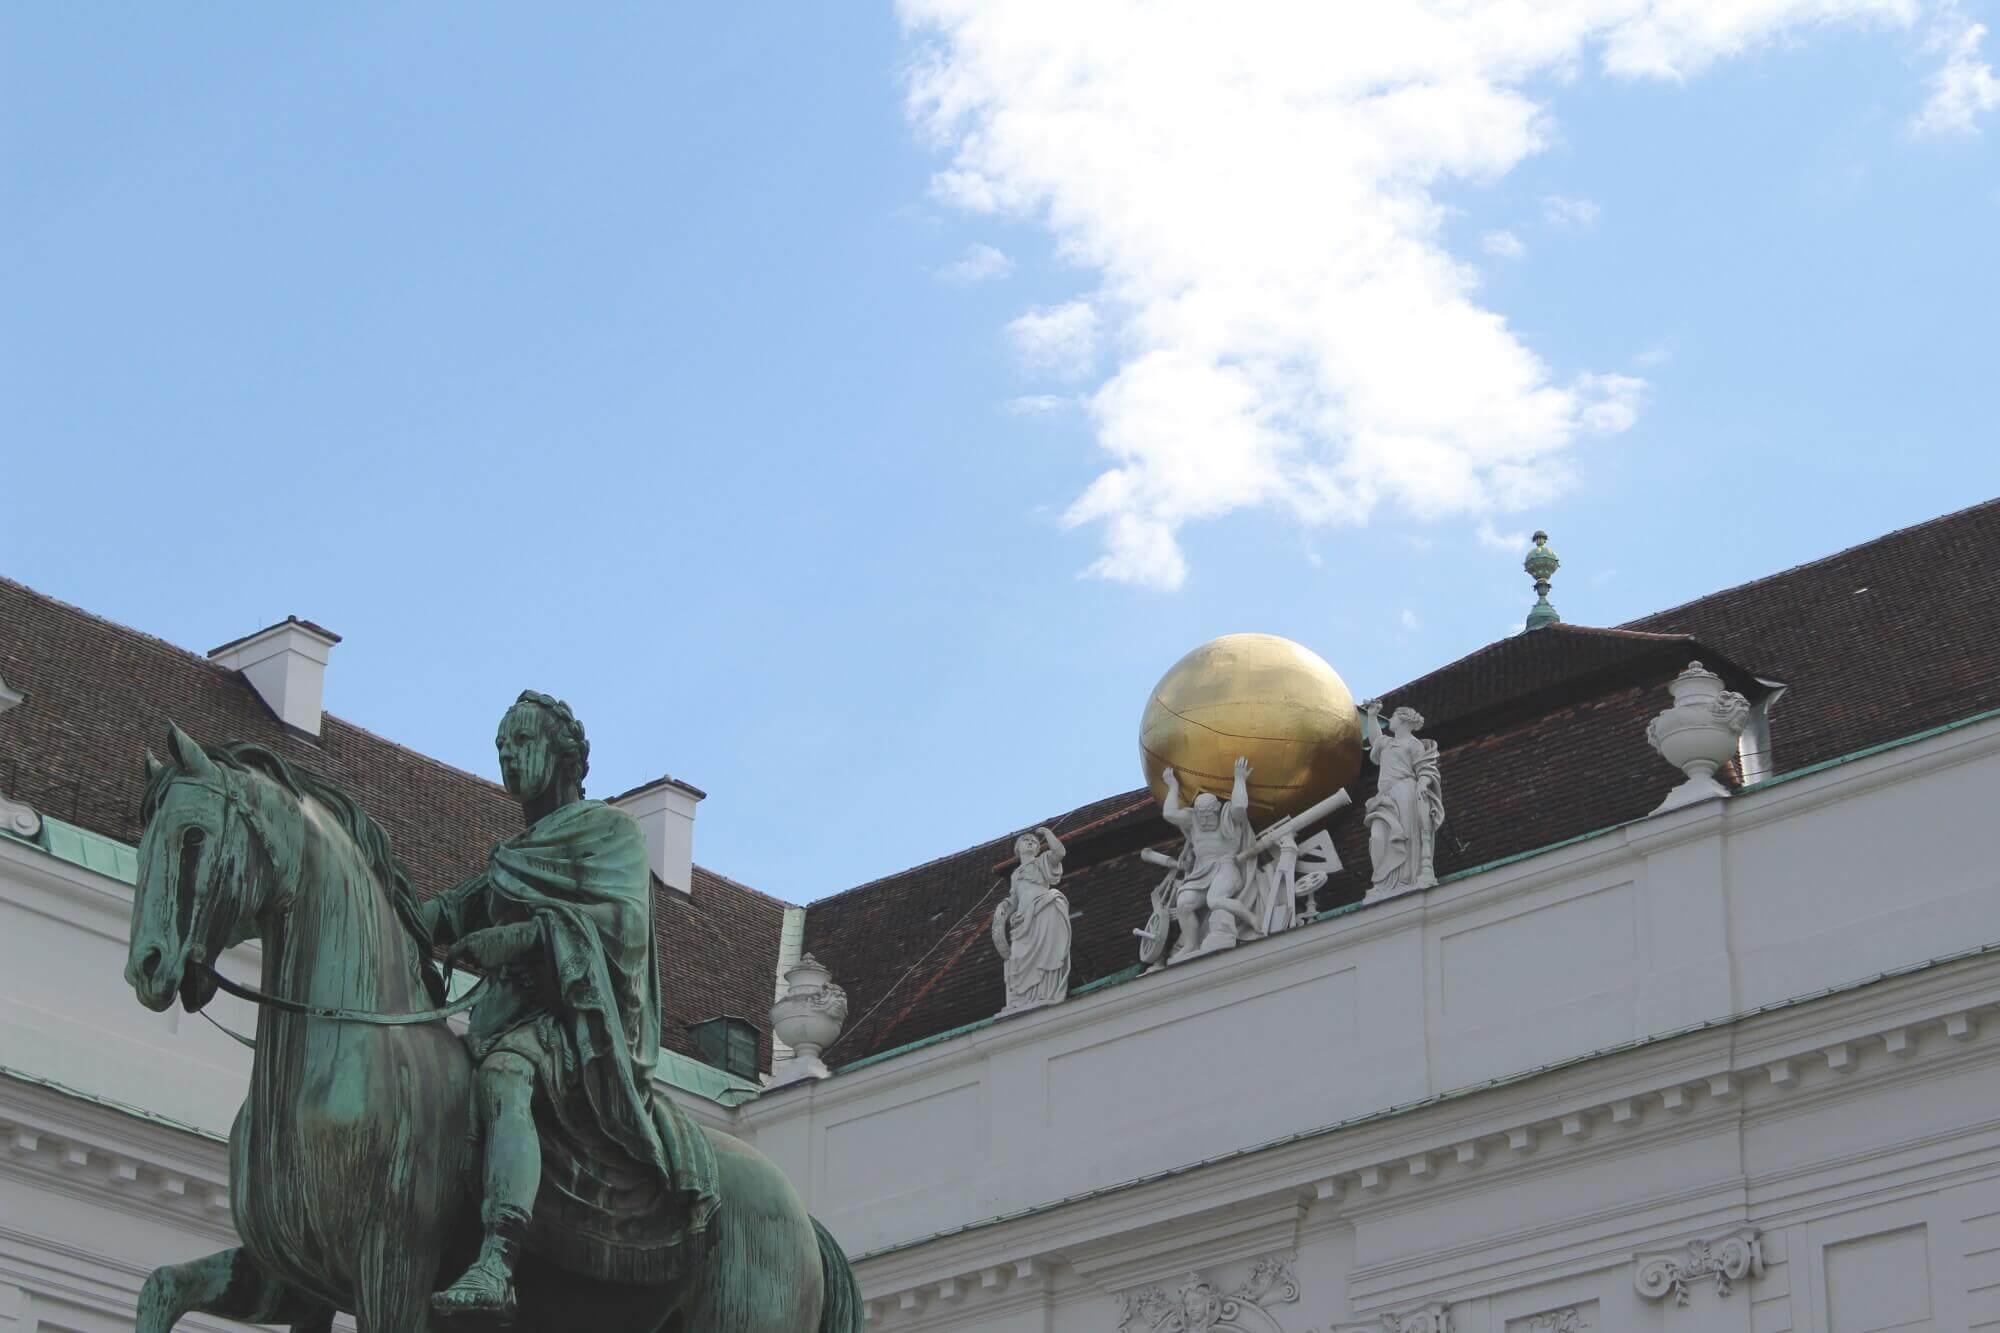 Blick auf Statue und Weltkugel am Österreichischen Parlament in Wien